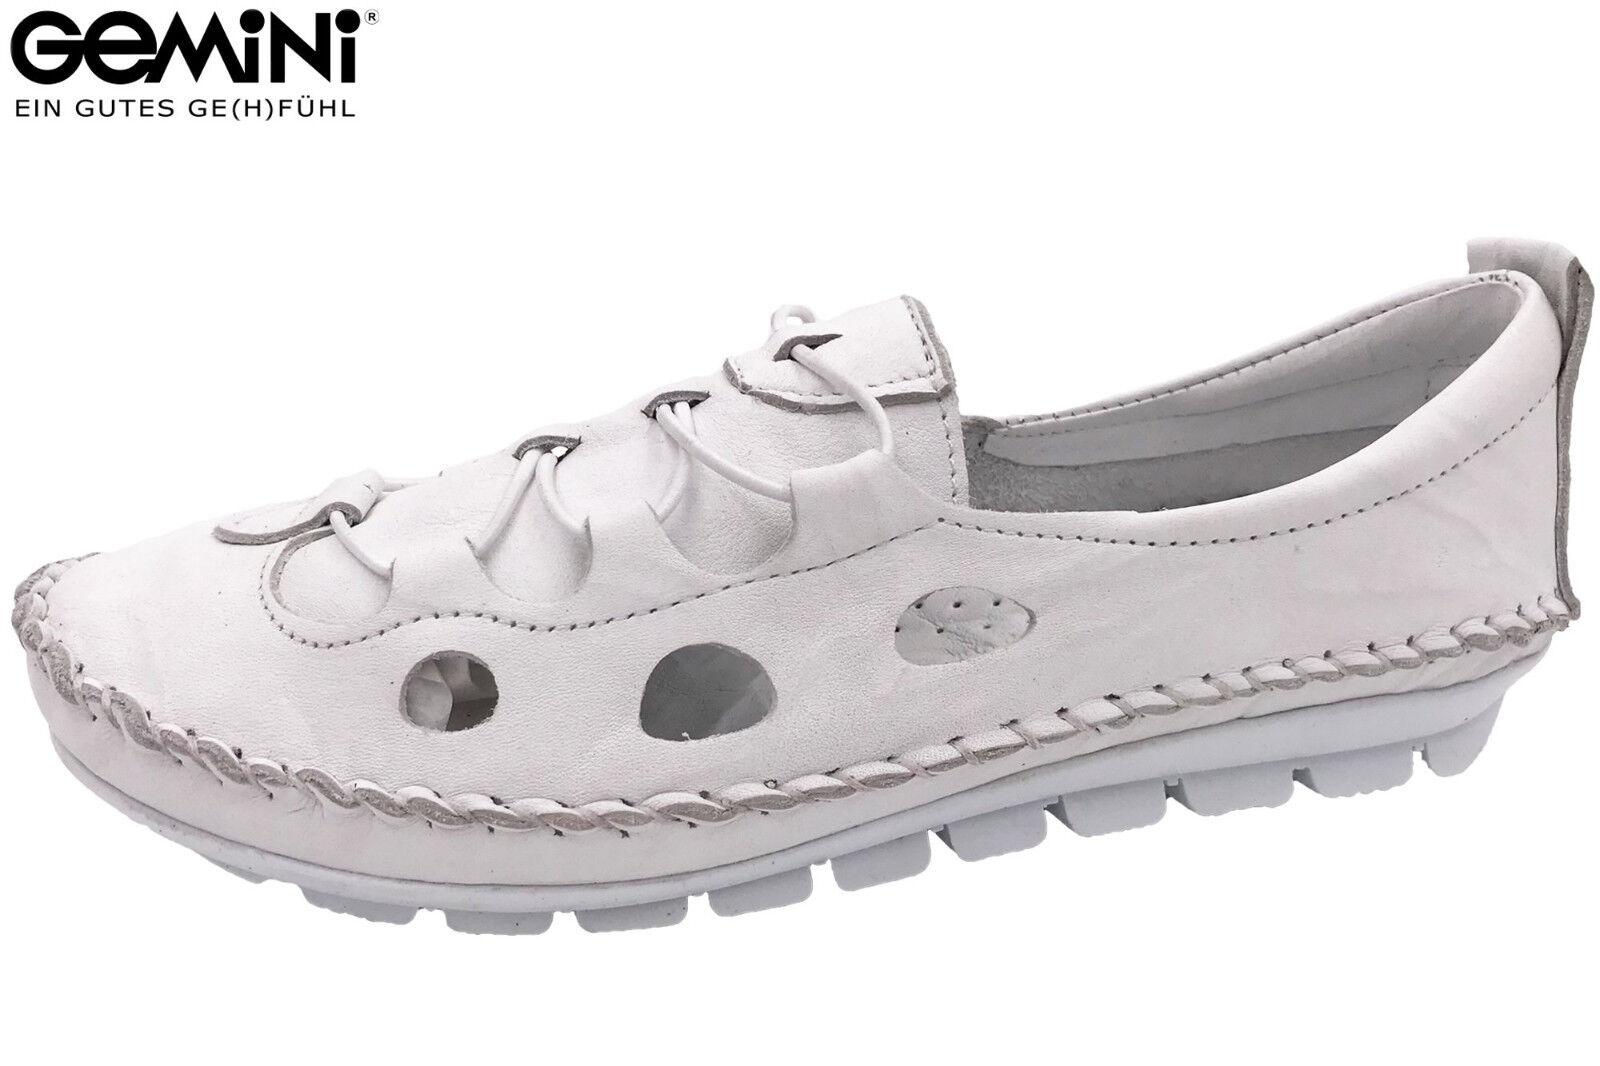 Gemini Damen Slipper Weiß Sommer Schuhe Leder Slip On 3115-001 NEU